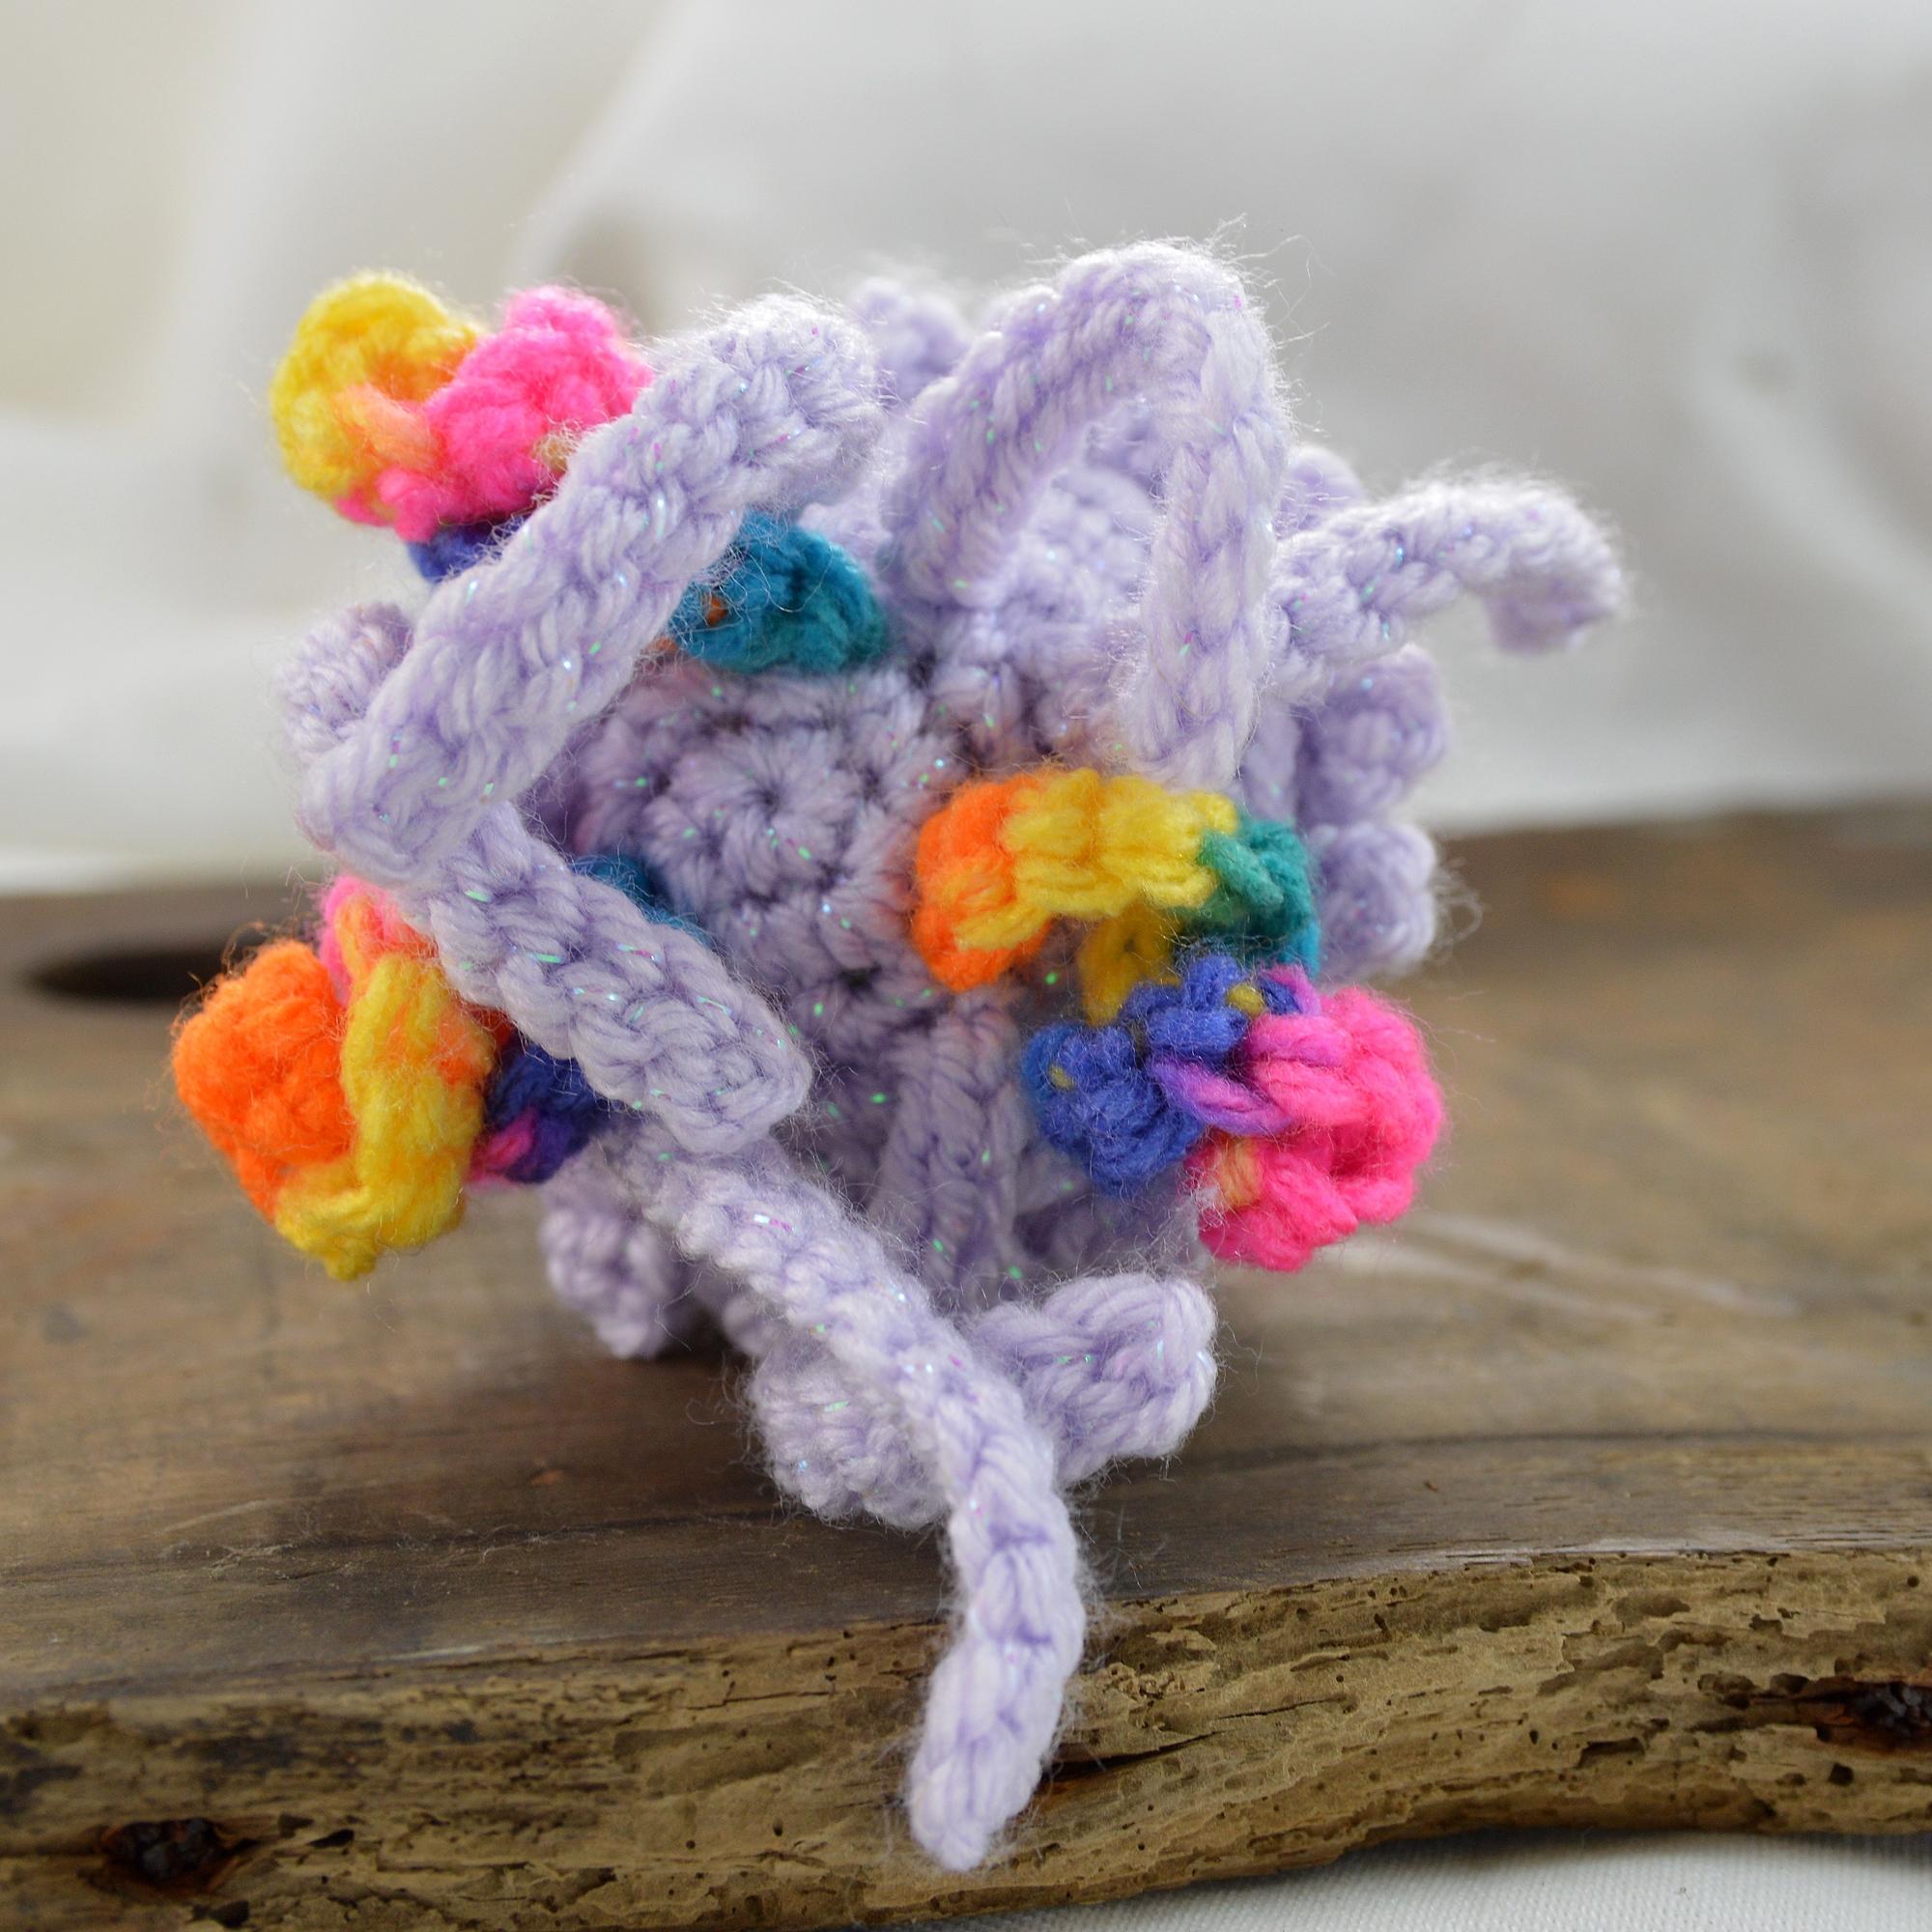 jellyfish toy handmade in buffalo ny gift shop